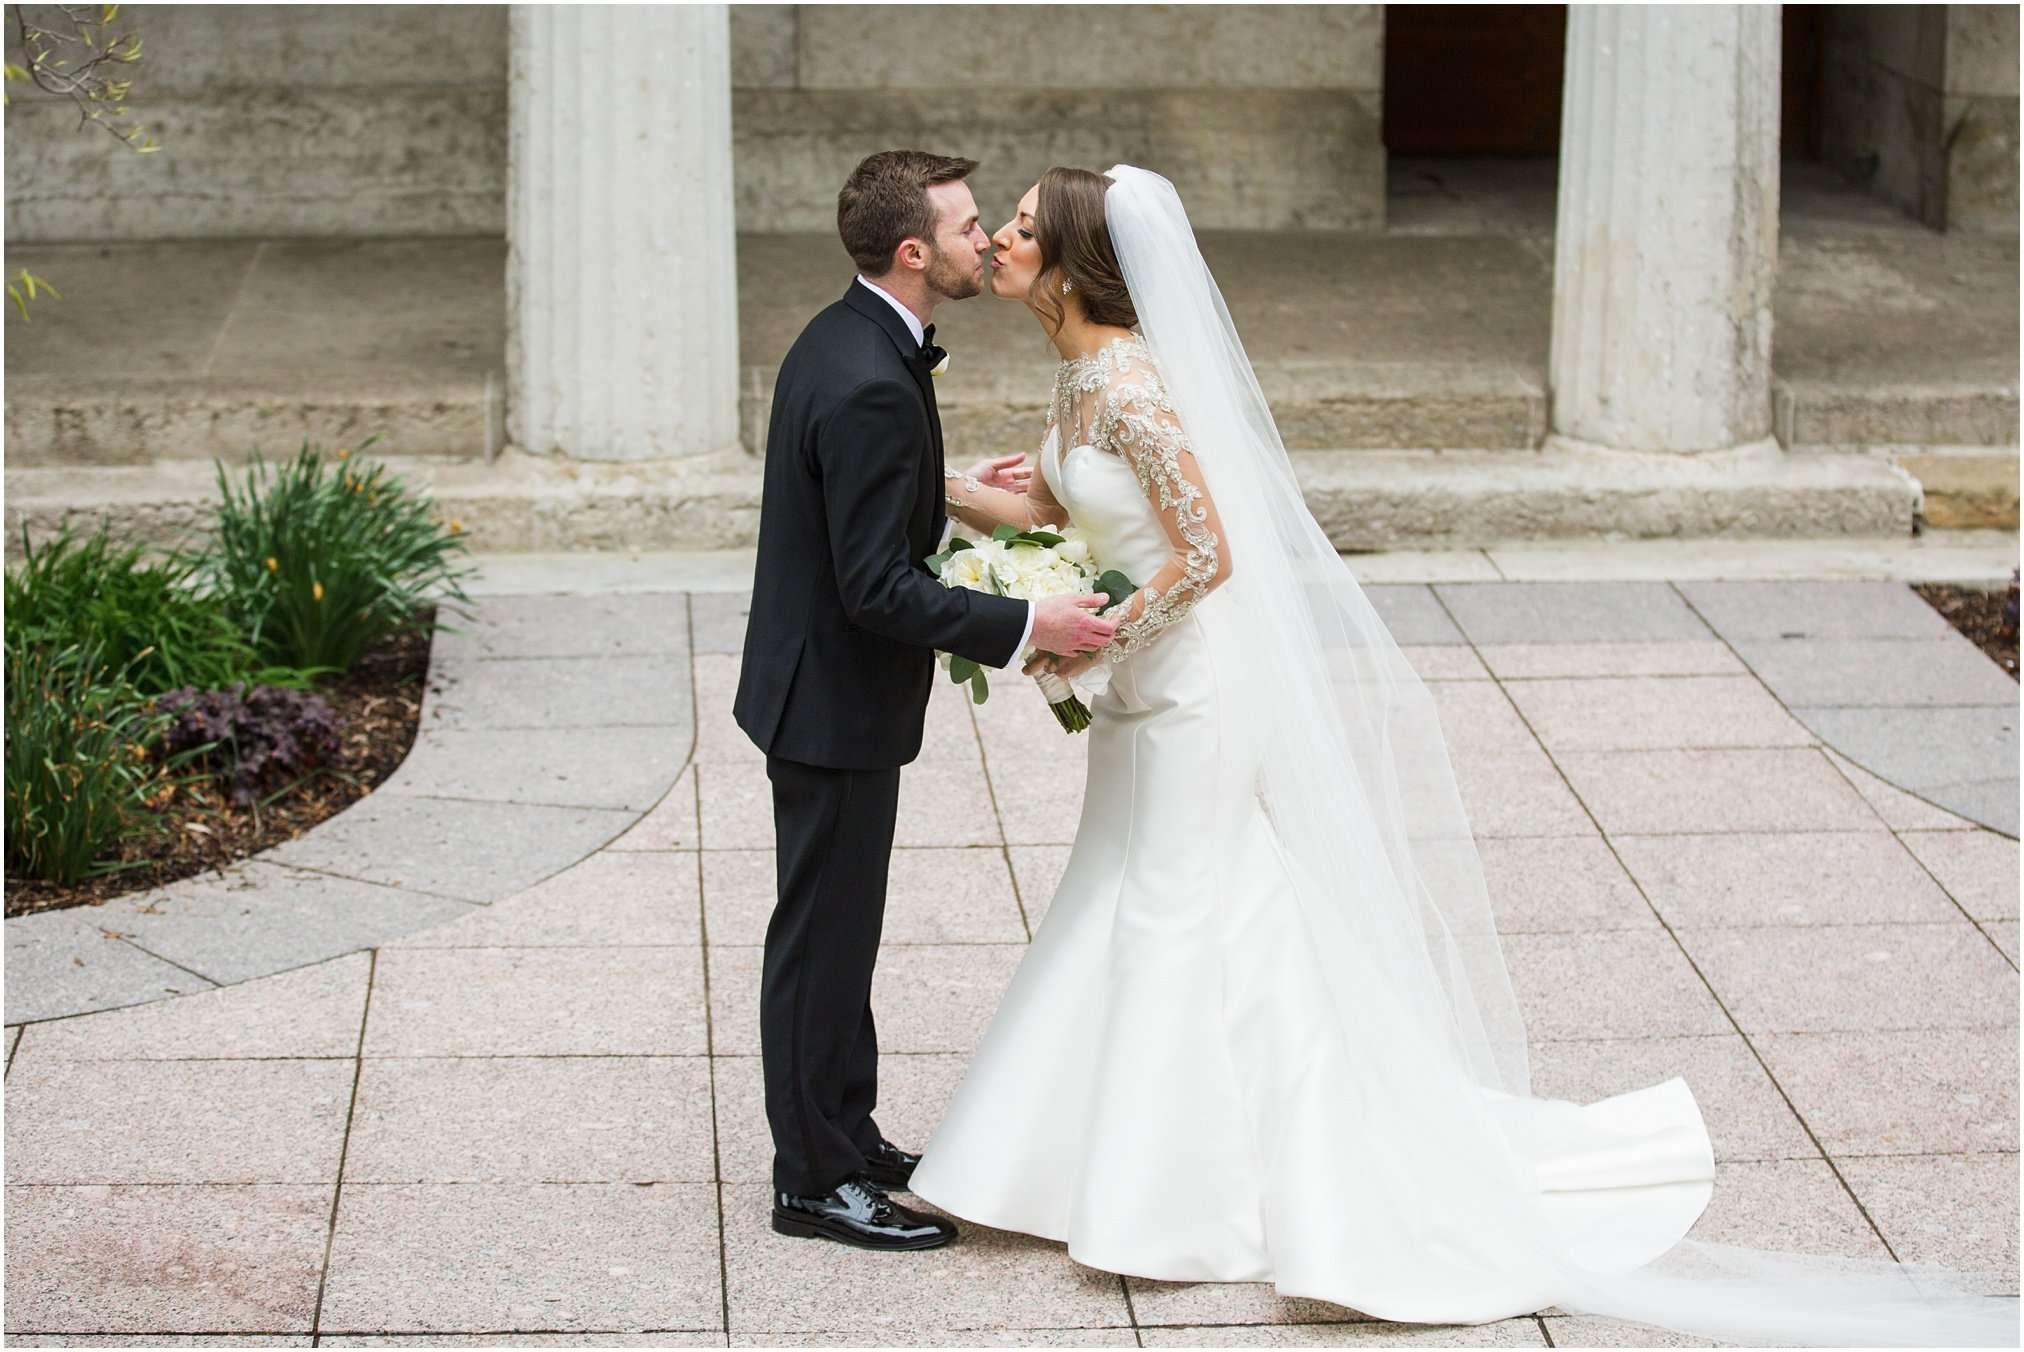 Spring Wedding at the Ohio Statehouse | Columbus Ohio Photography 32